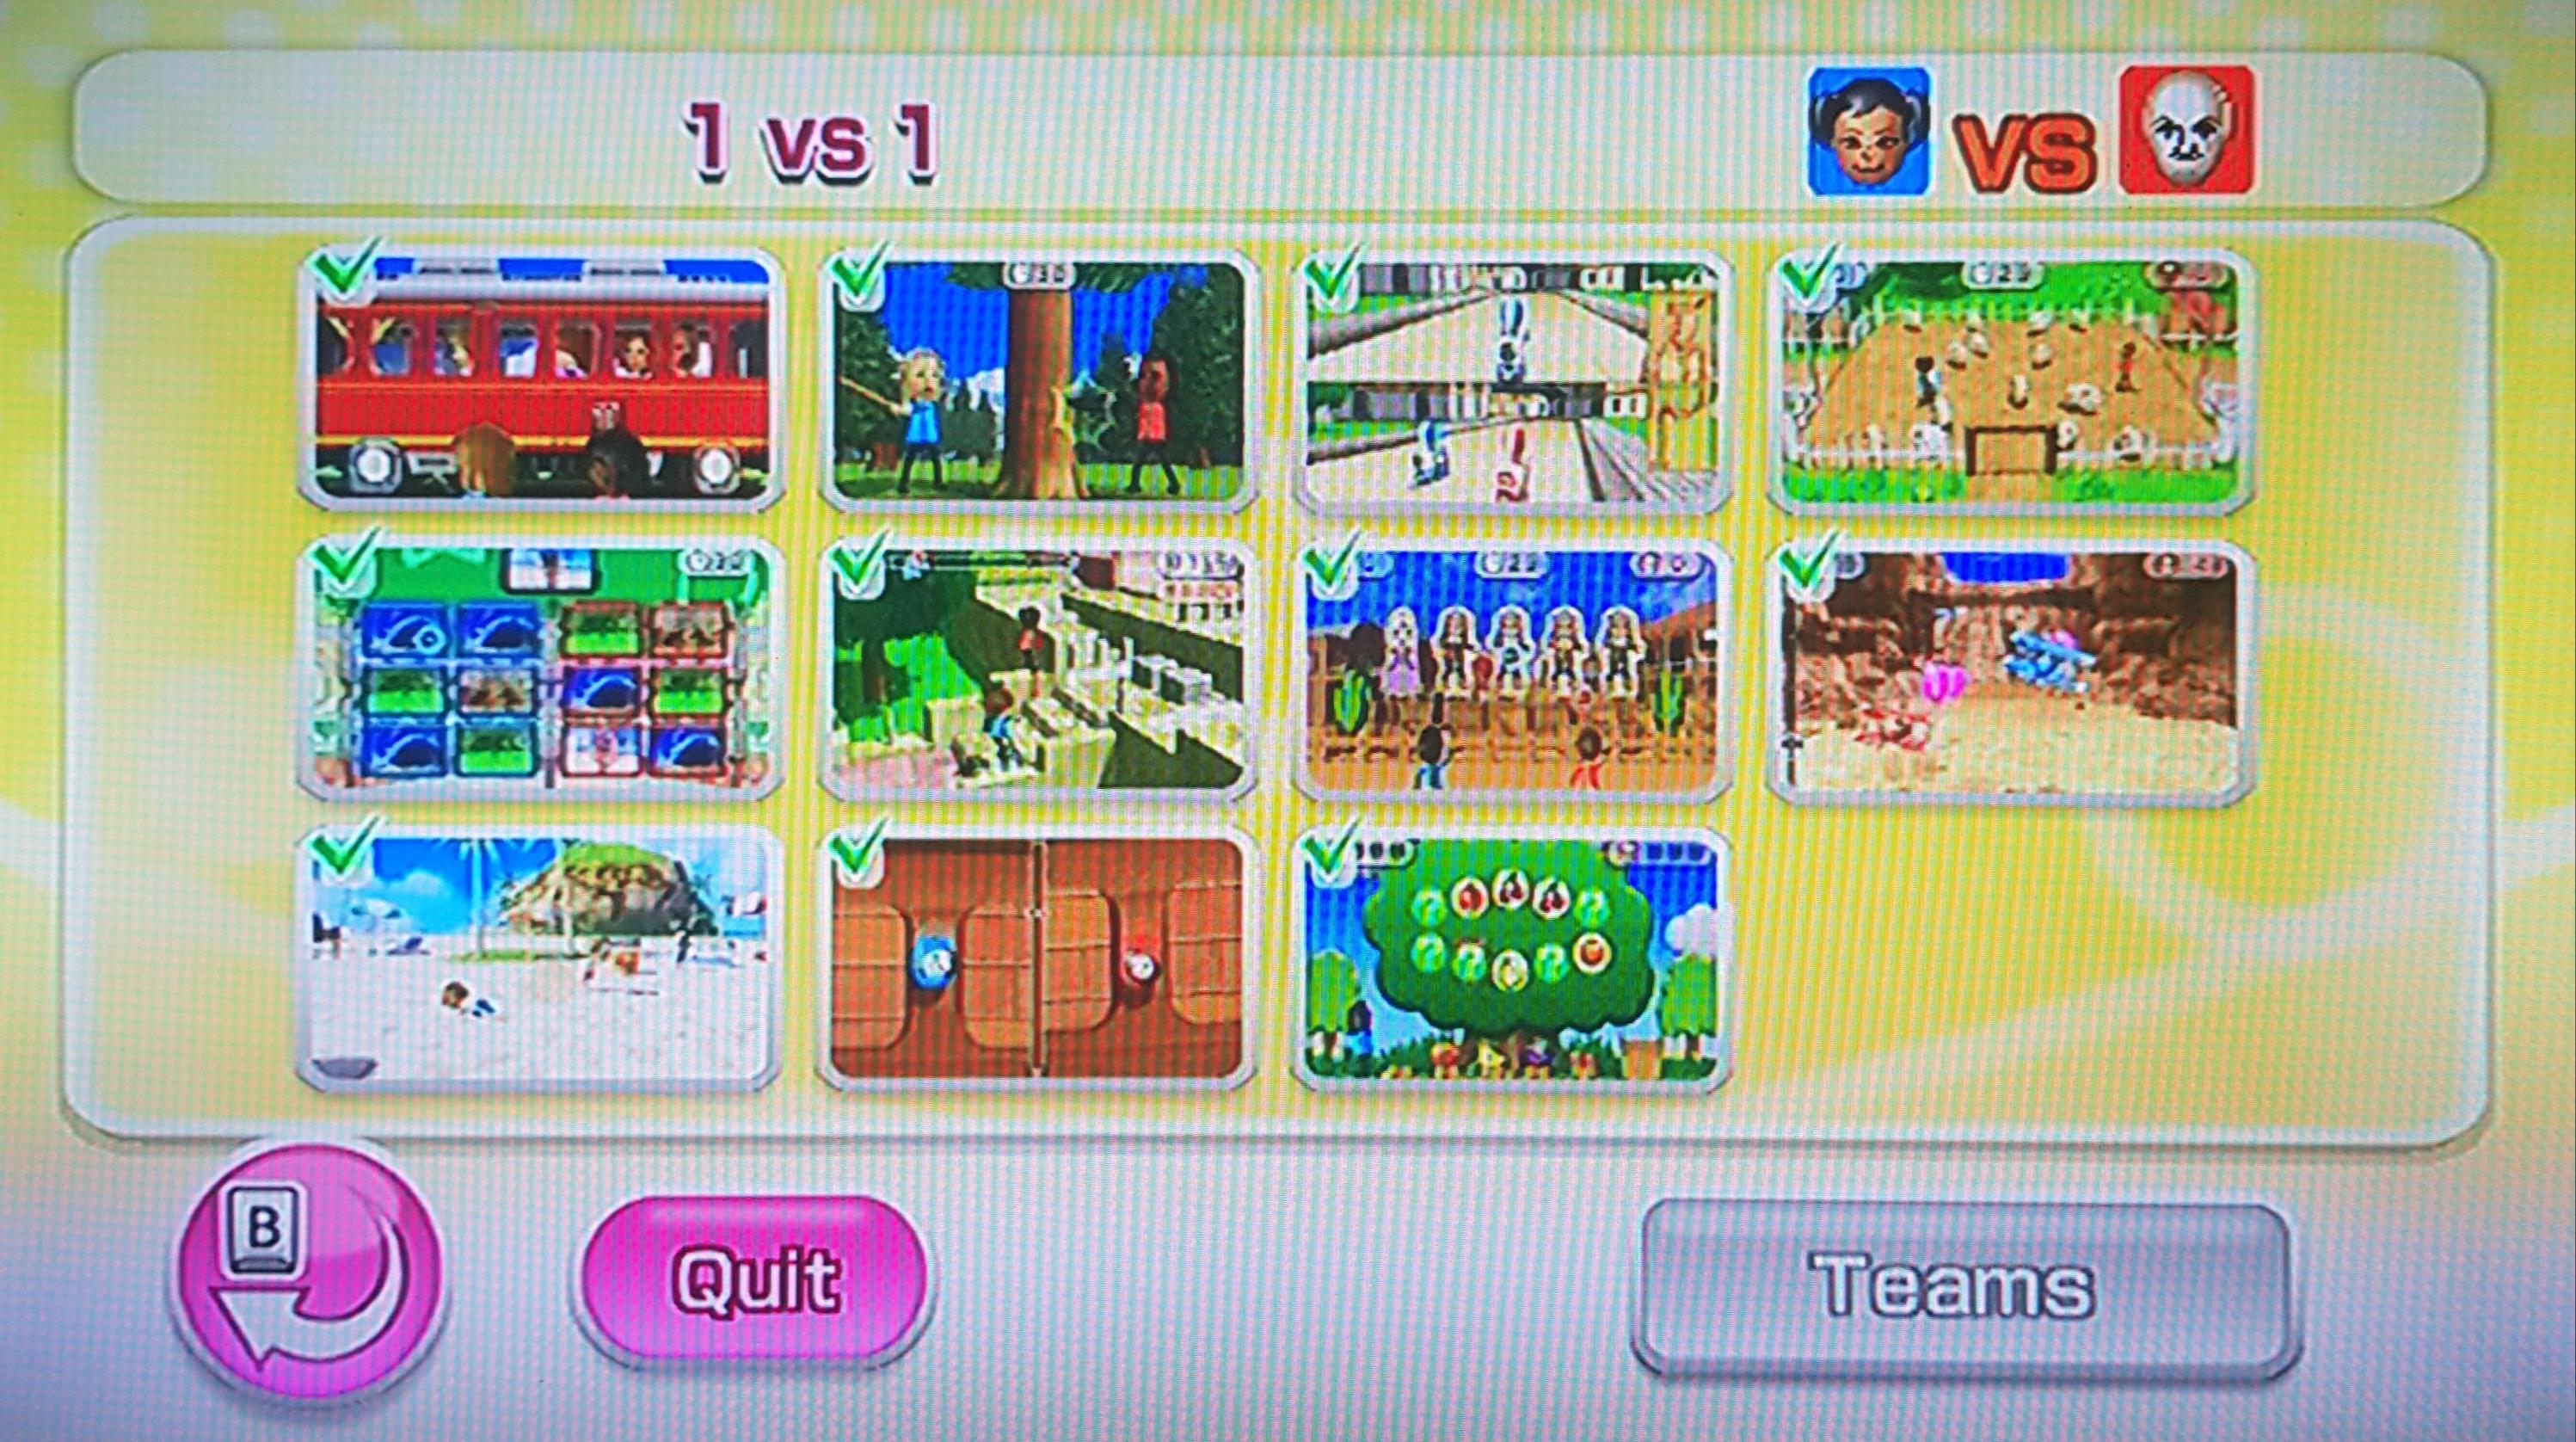 1 vs 1 minigame